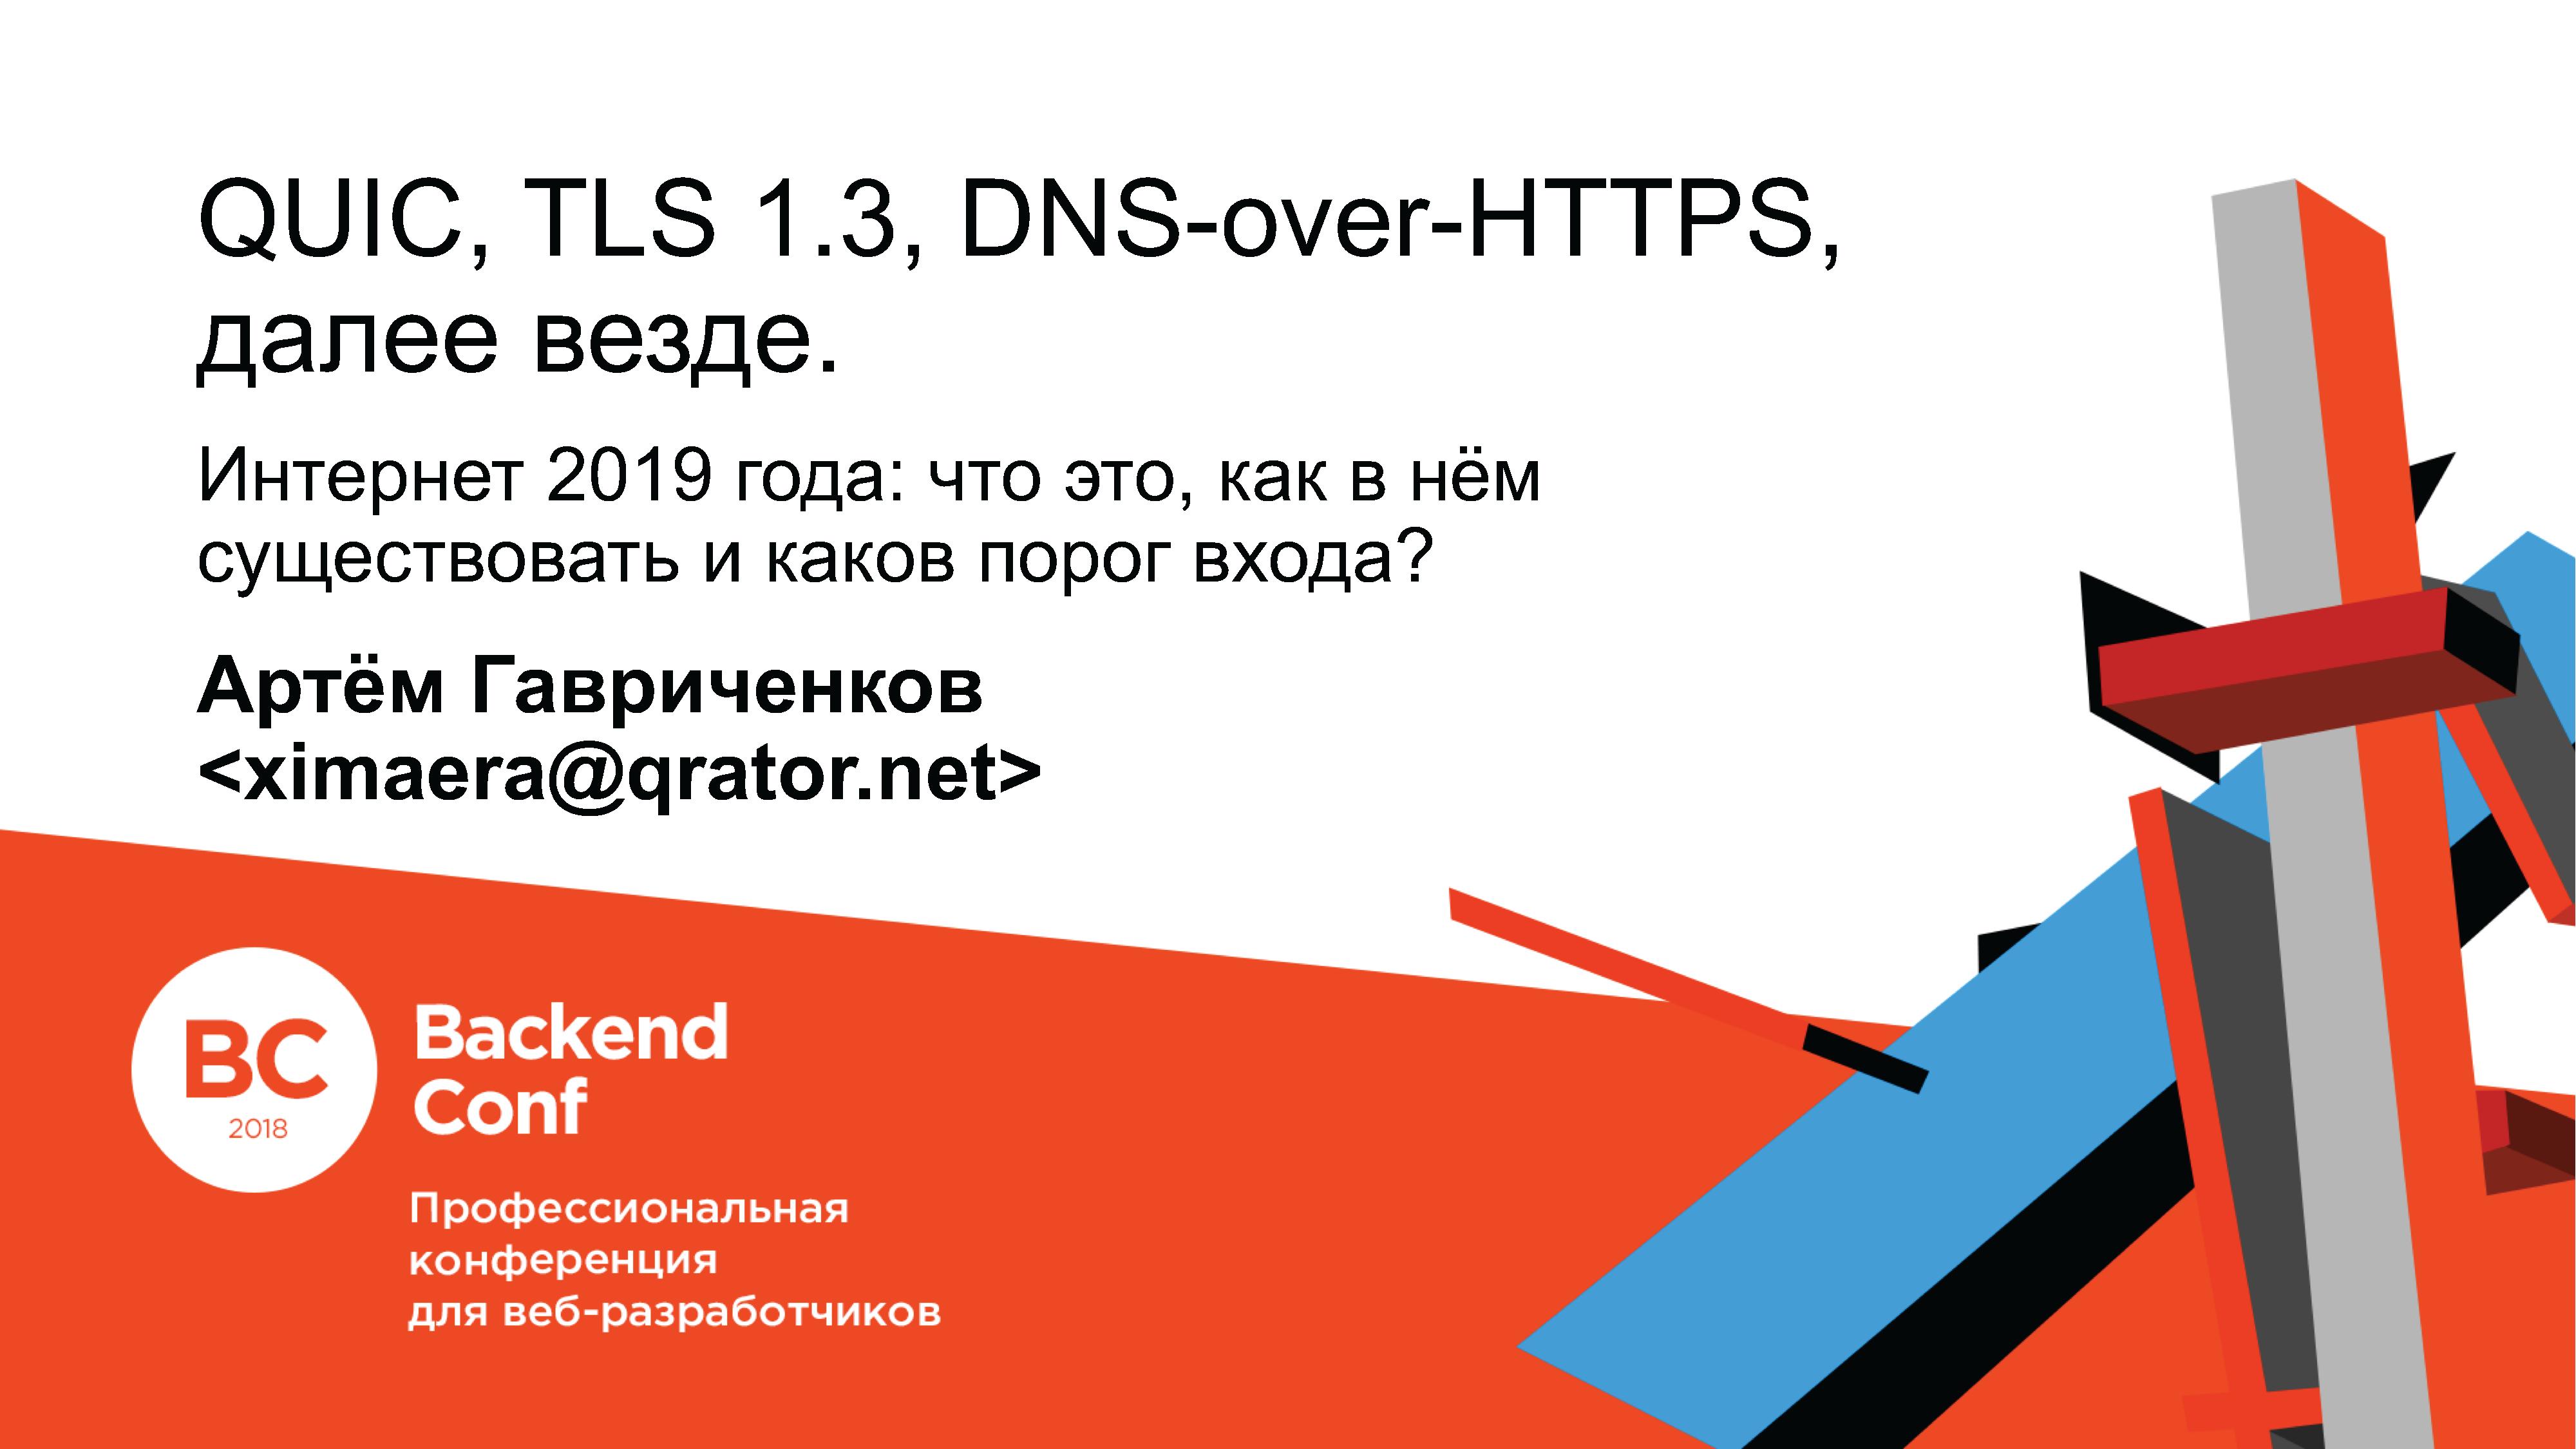 QUIC, TLS 1.3, DNS-over-HTTPS, далее везде - 1